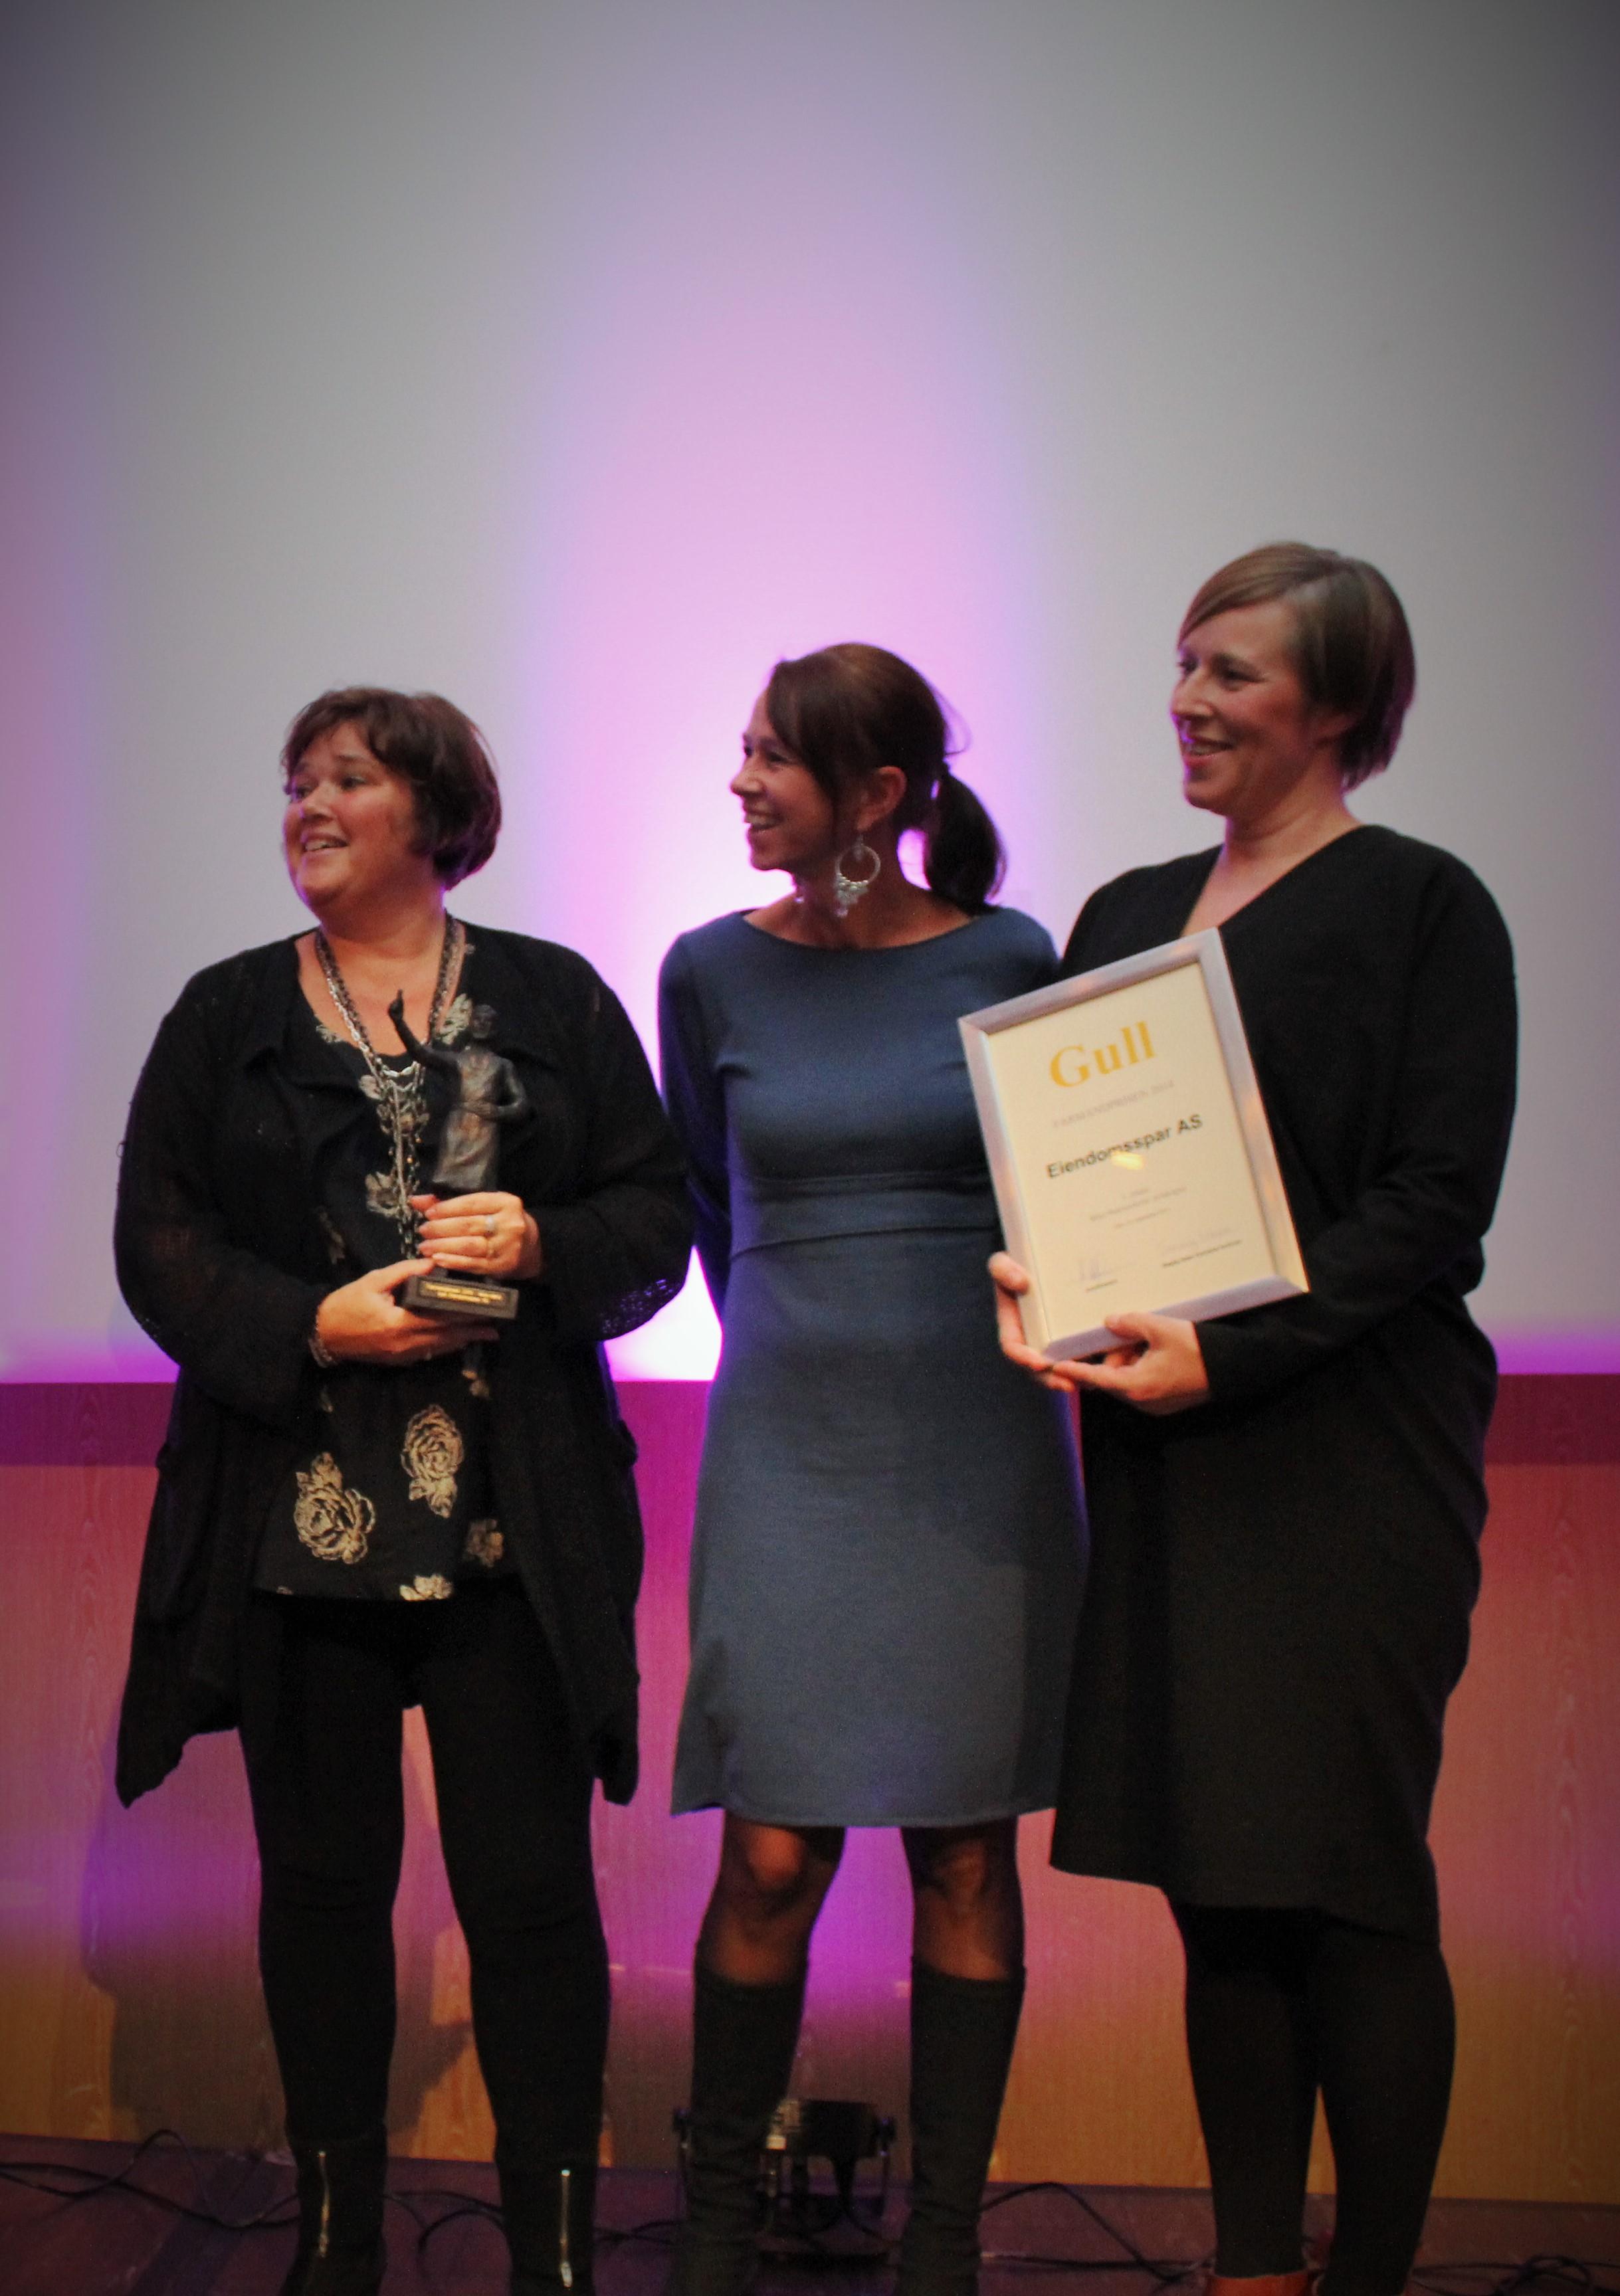 Farmandprisen Beste Årsrapport 2014 - Ikke-børsnoterte selskaper nr 1: Eiendomsspar